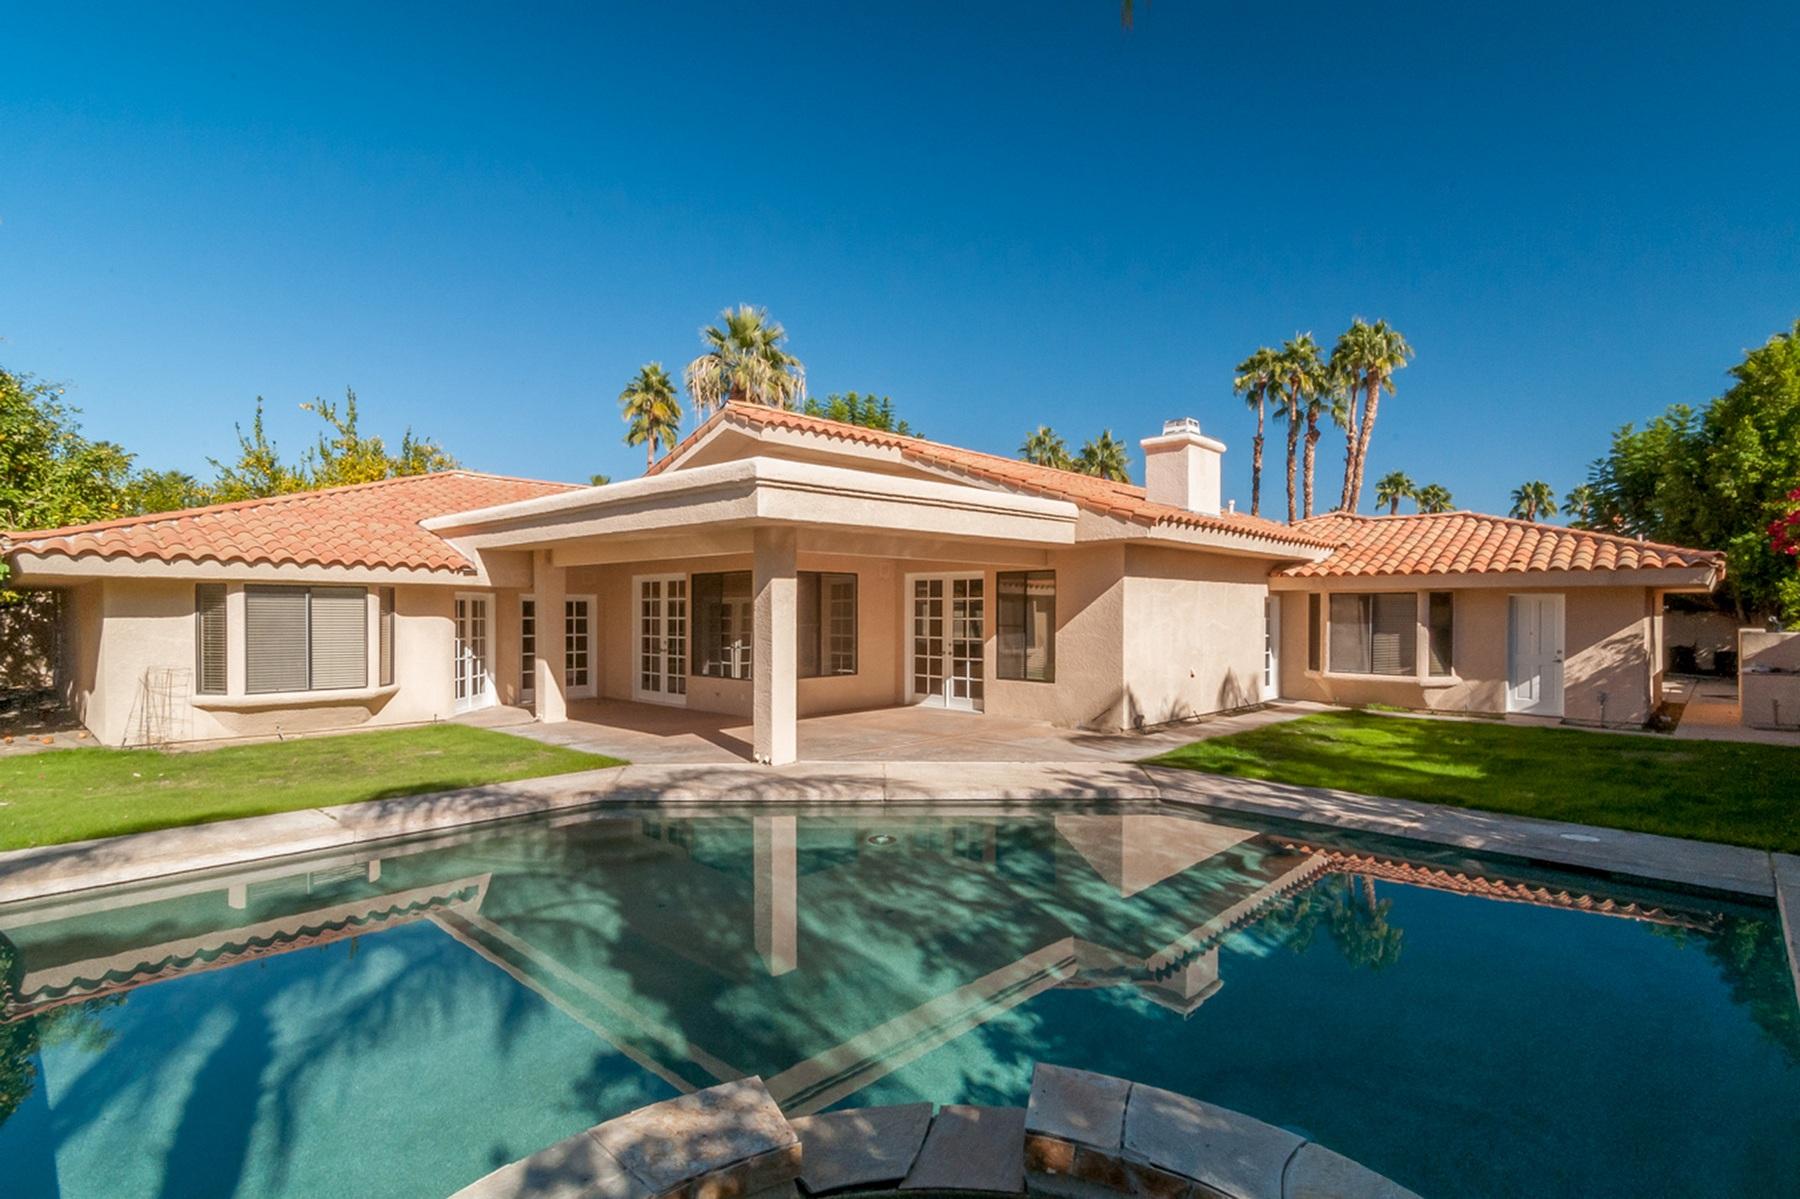 단독 가정 주택 용 매매 에 45385 Santa Fe Cove Indian Wells, 캘리포니아, 92210 미국